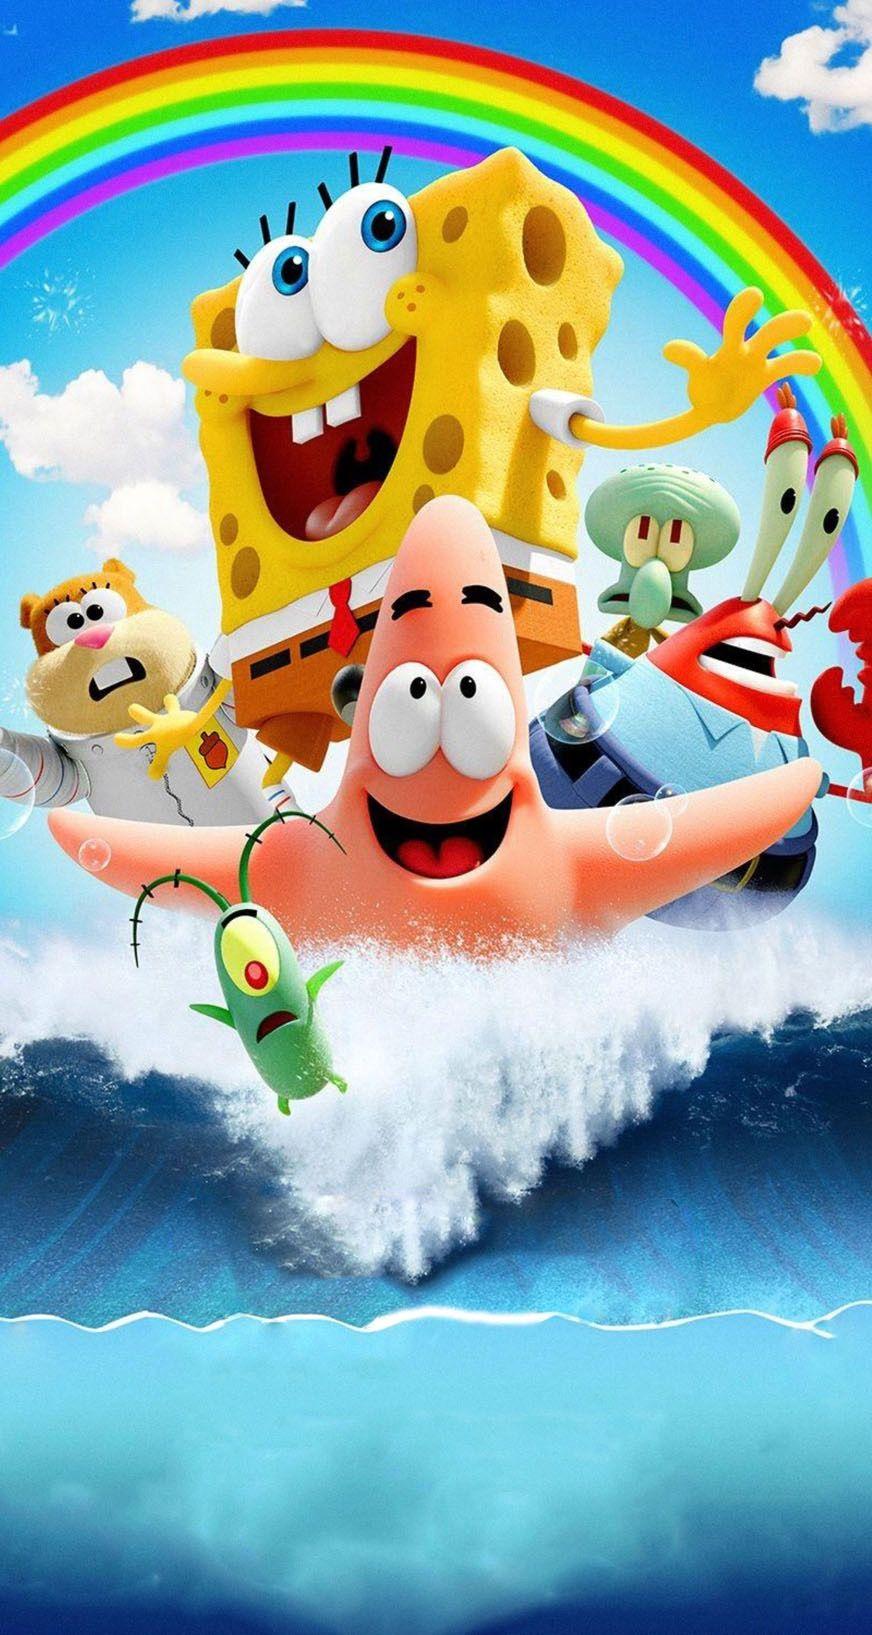 Pin De Seleni Martinez En Spongebob Squarepants Bob Esponja Bob Esponja Personajes Pinturas Disney